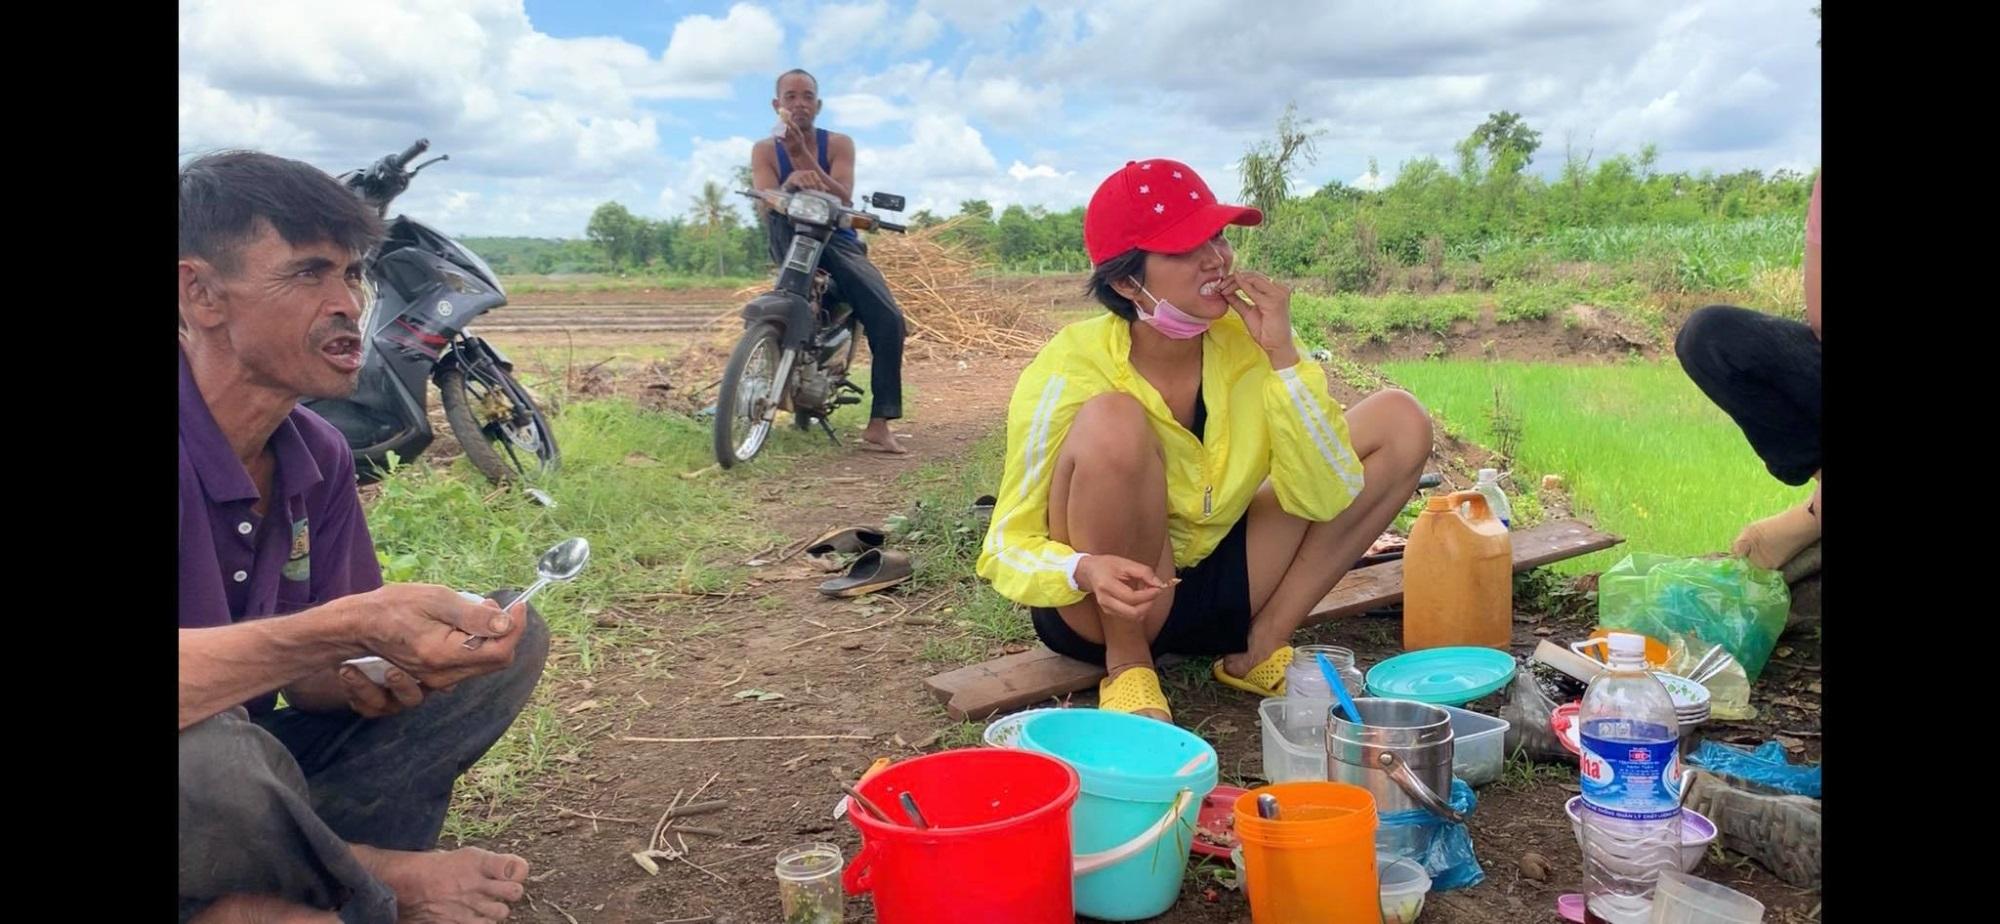 'Phát sốt' với hình ảnh H'Hen Niê bì bõm lội ruộng làm đồng, ngồi chồm hổm ăn cơm với cá khô - Ảnh 4